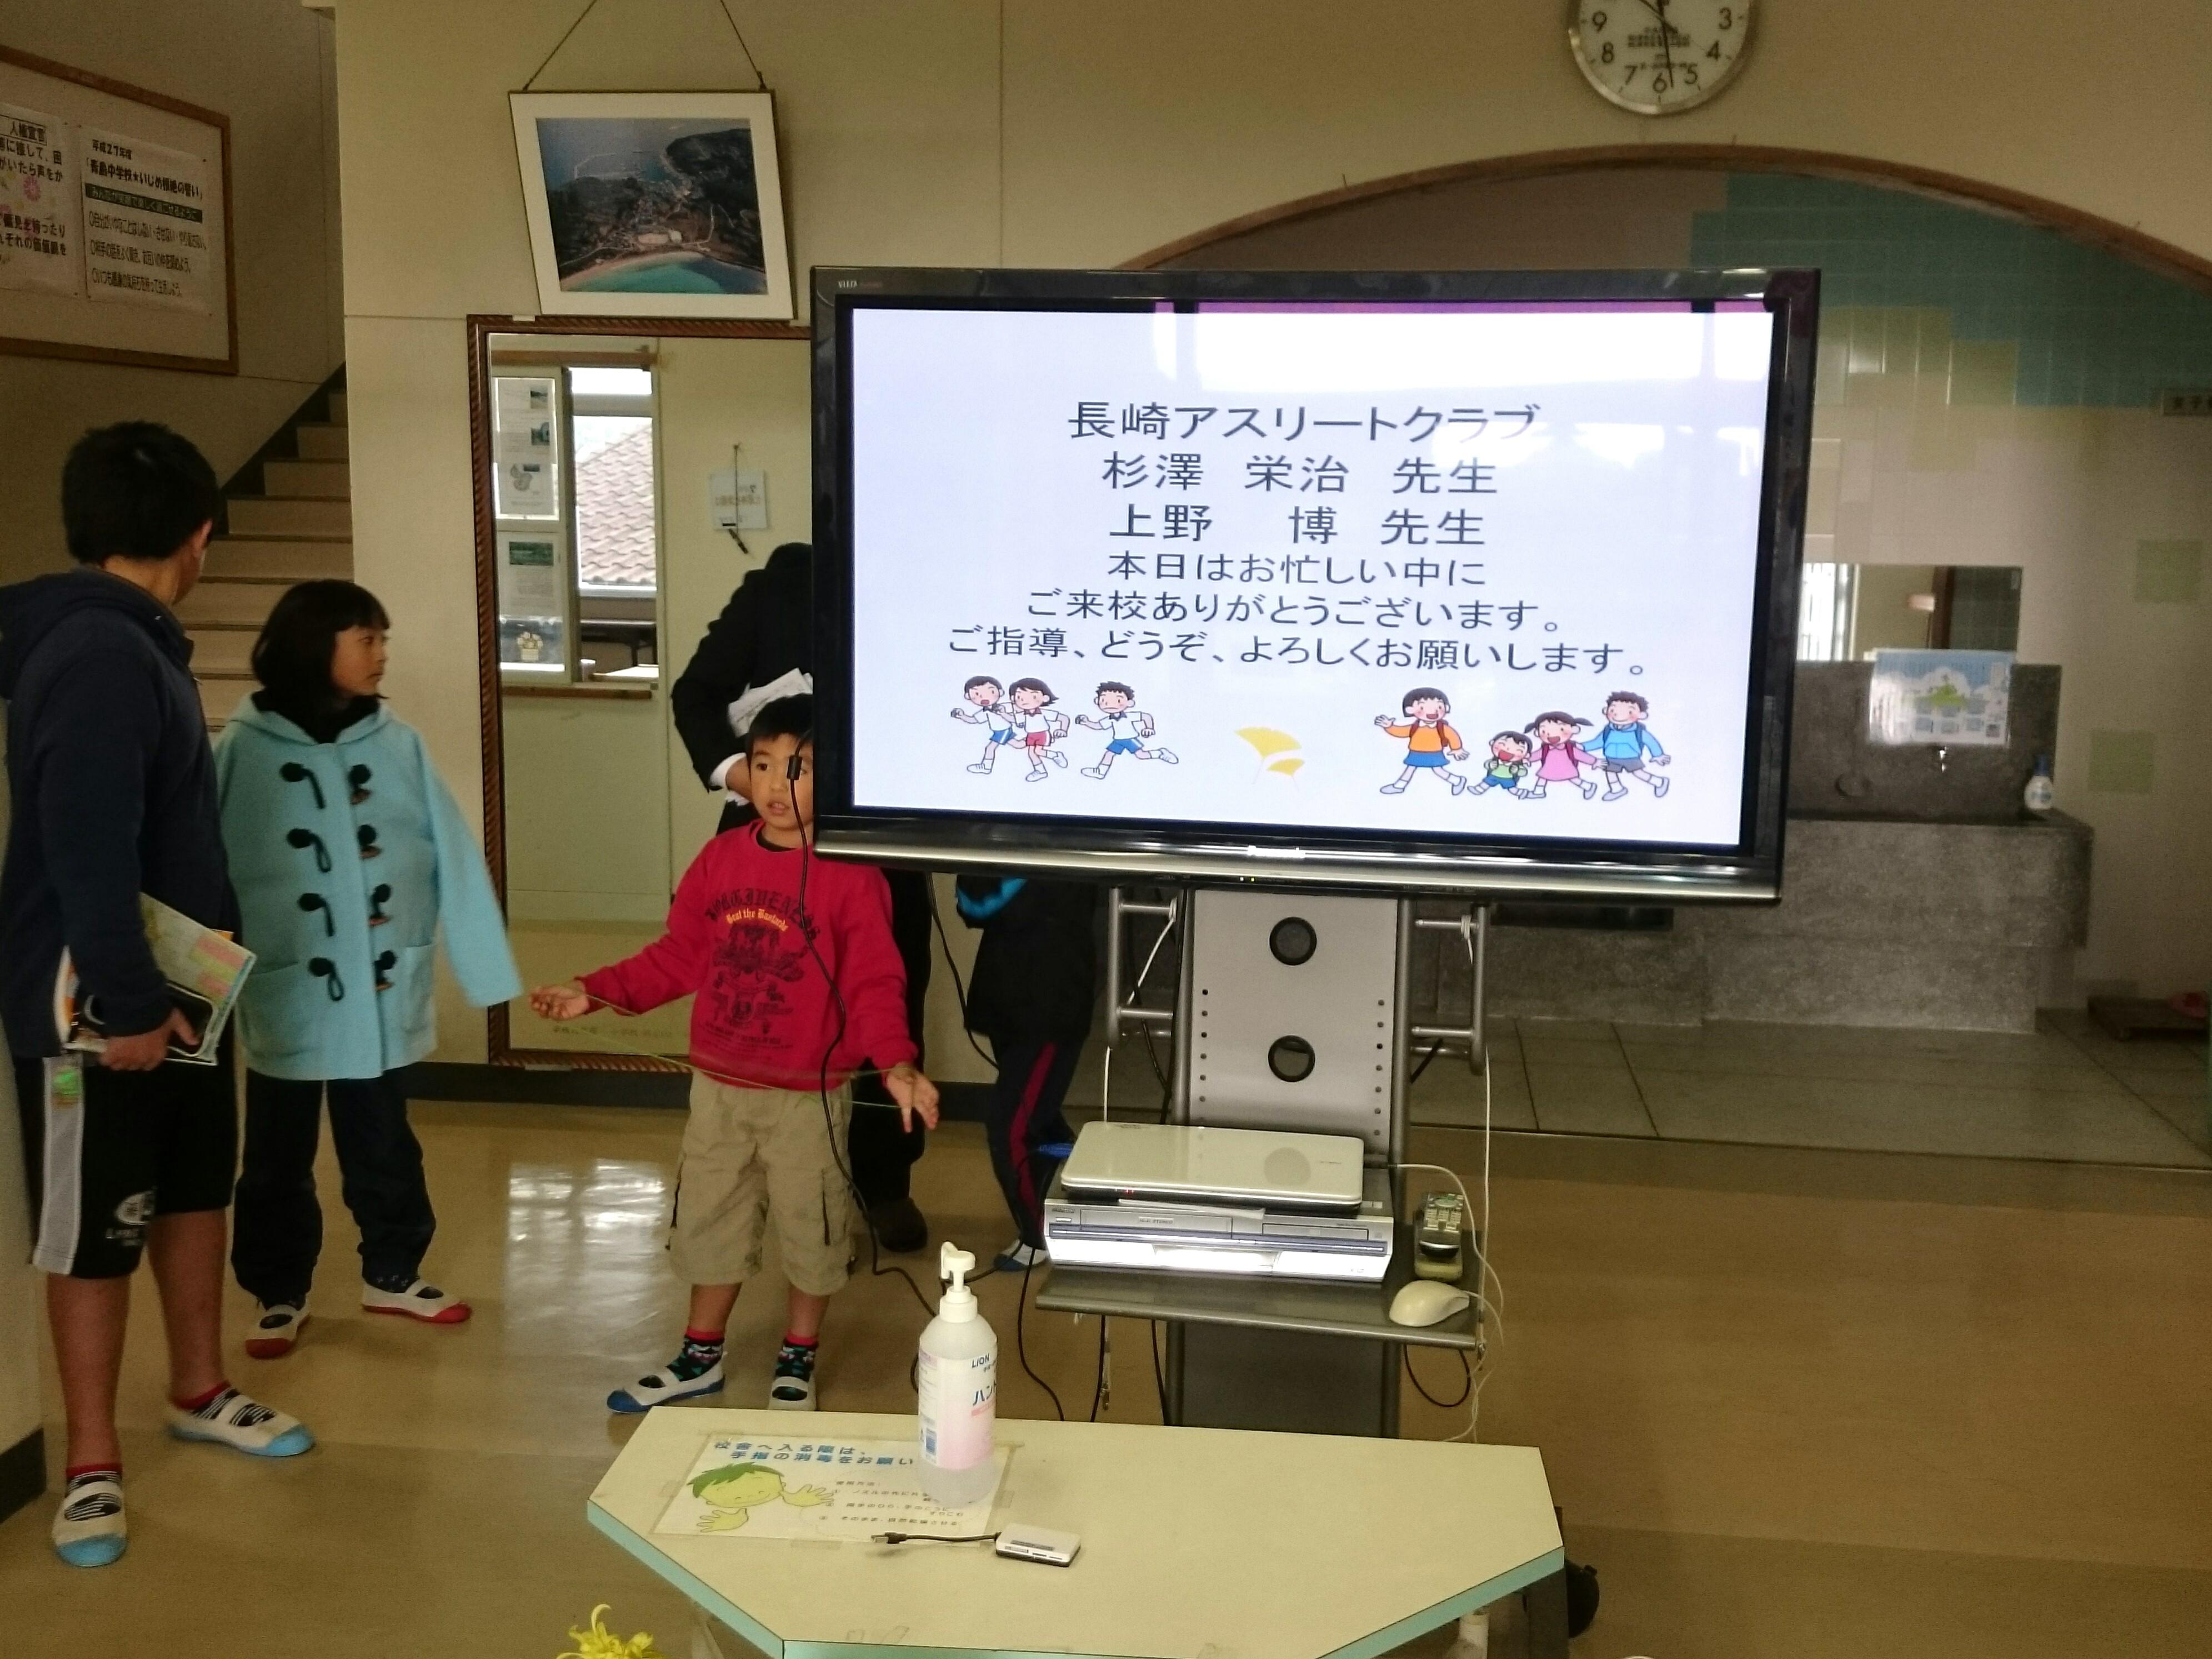 平成27年度松浦市「運動部活動活性化推進事業」陸上競技教室